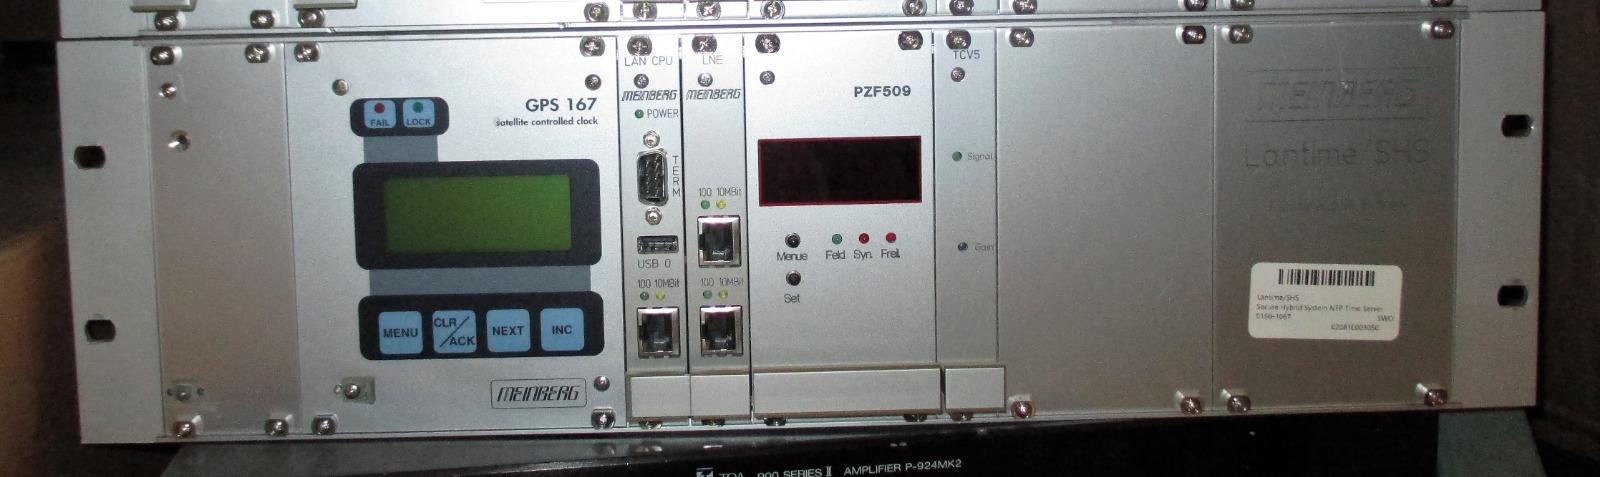 Details about Meinberg Lantime/SHS Secure Hybrid System NTP Time Server